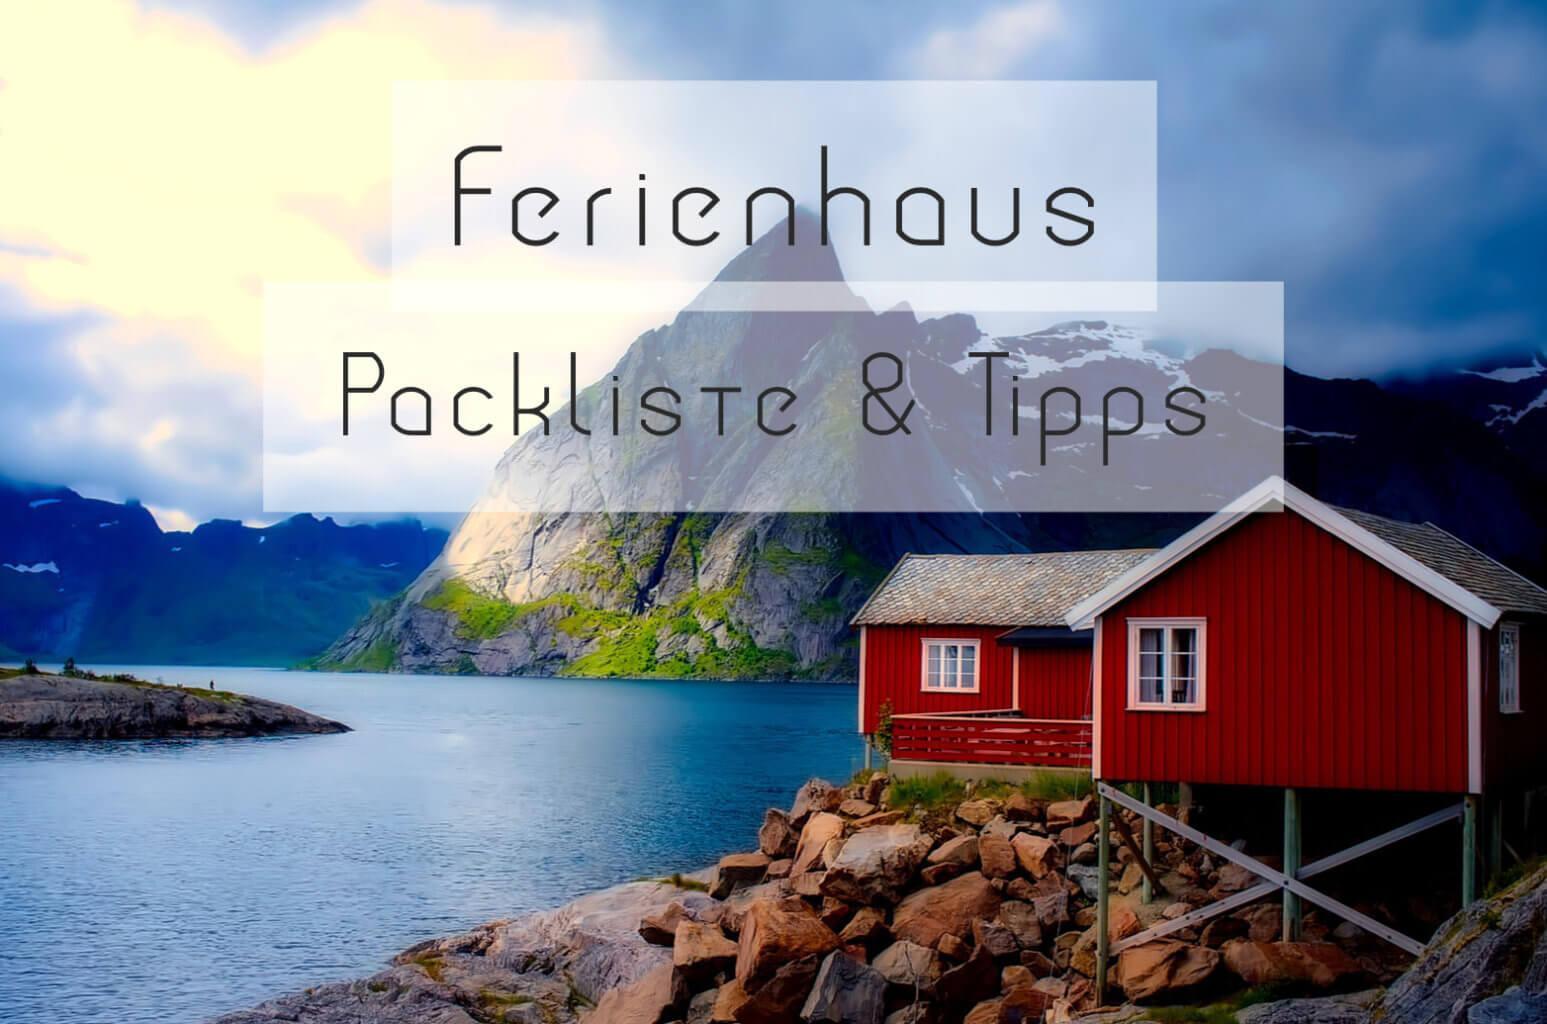 Ferienhaus Packliste Tipps